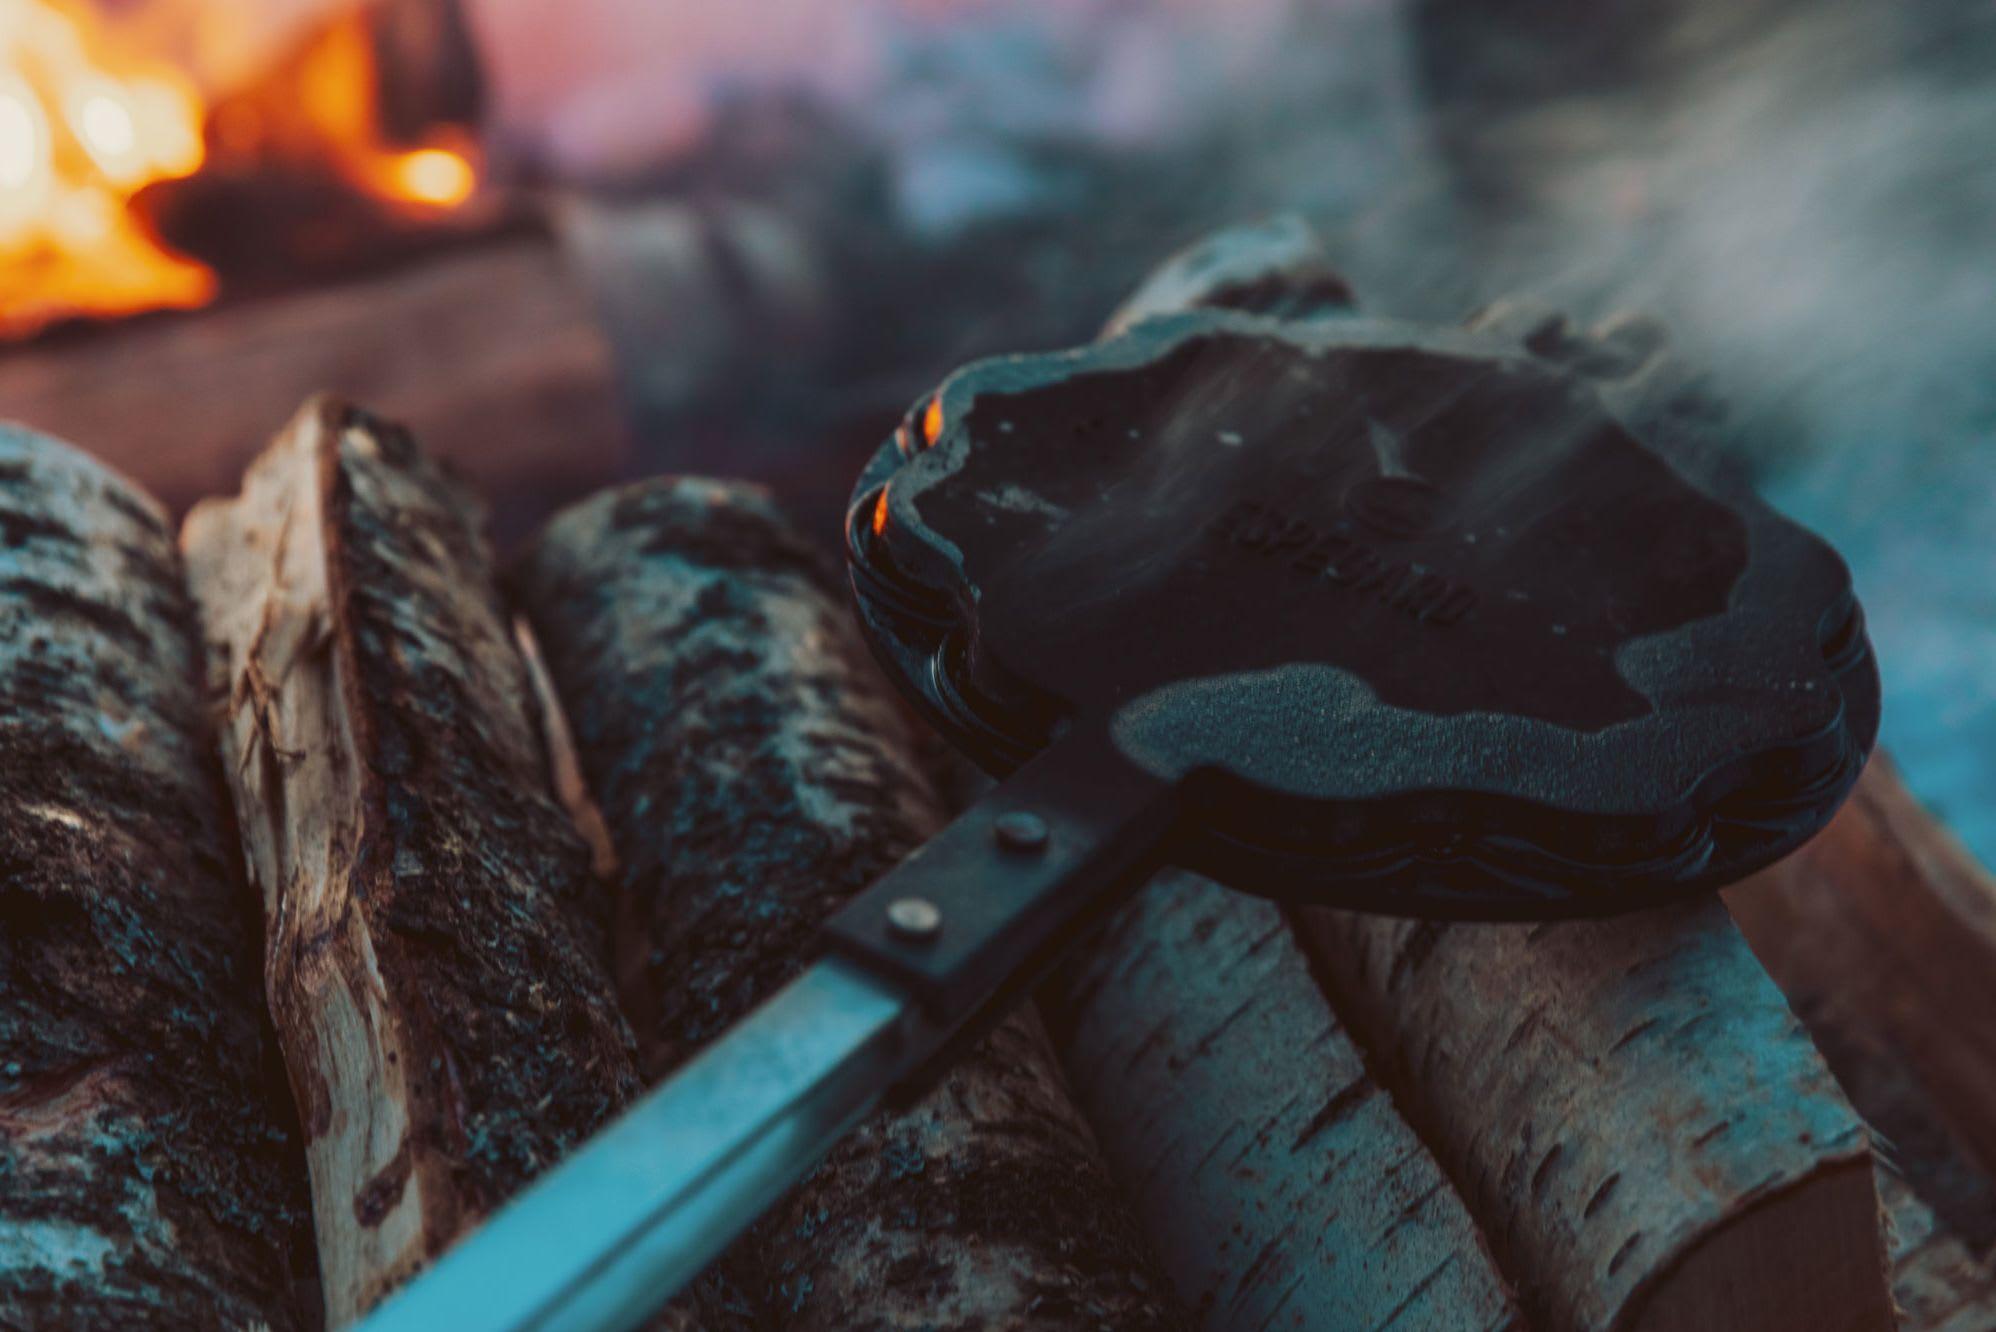 Rykende varmt vaffeljern etter å ha stått over det varme bålet.